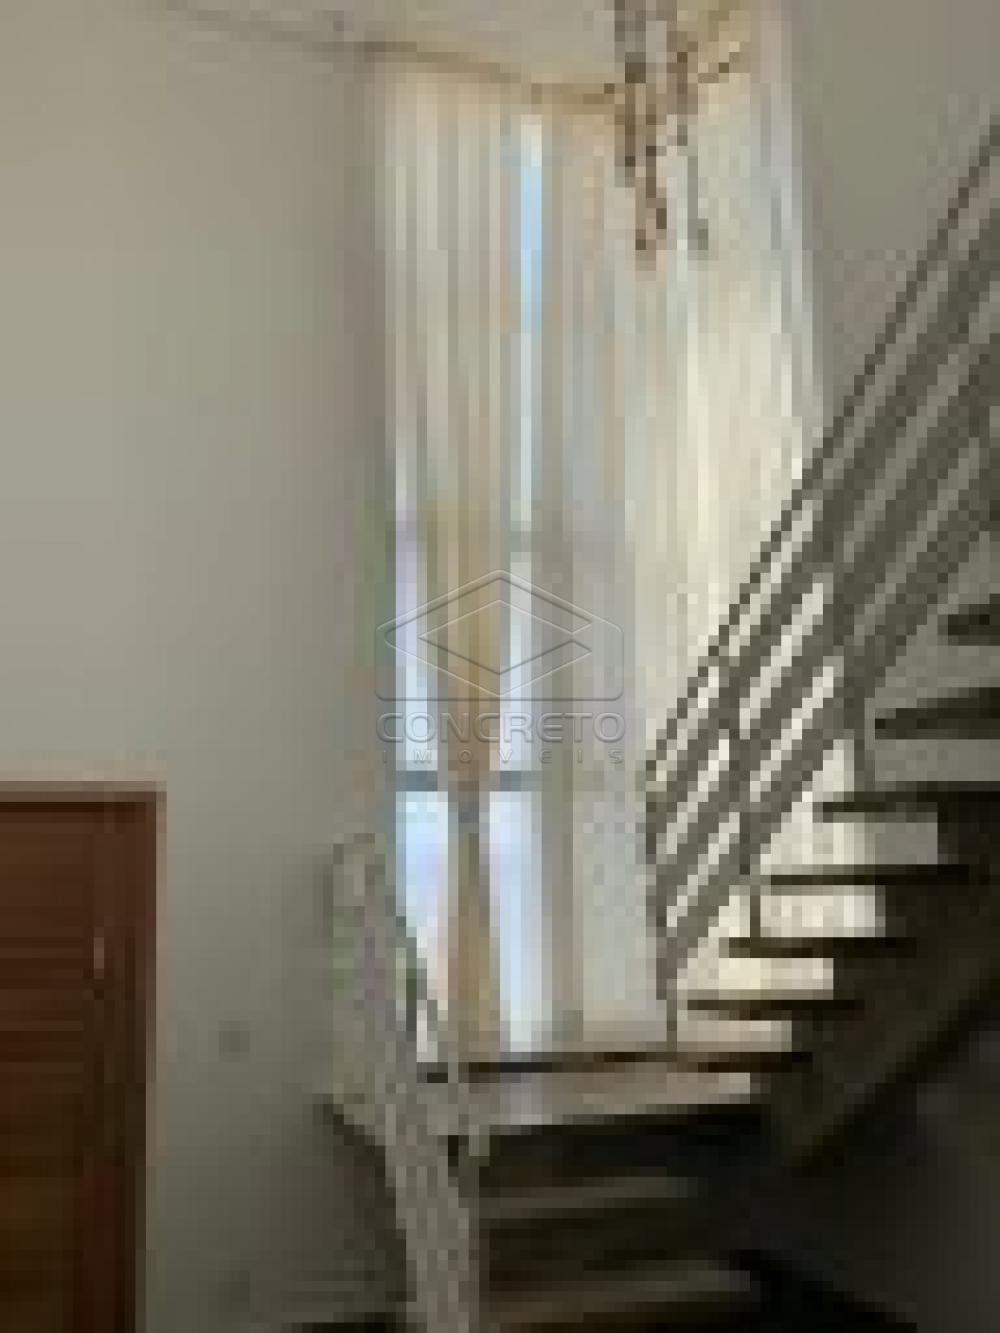 Comprar Casa / Padrão em Sao Manuel apenas R$ 650.000,00 - Foto 36